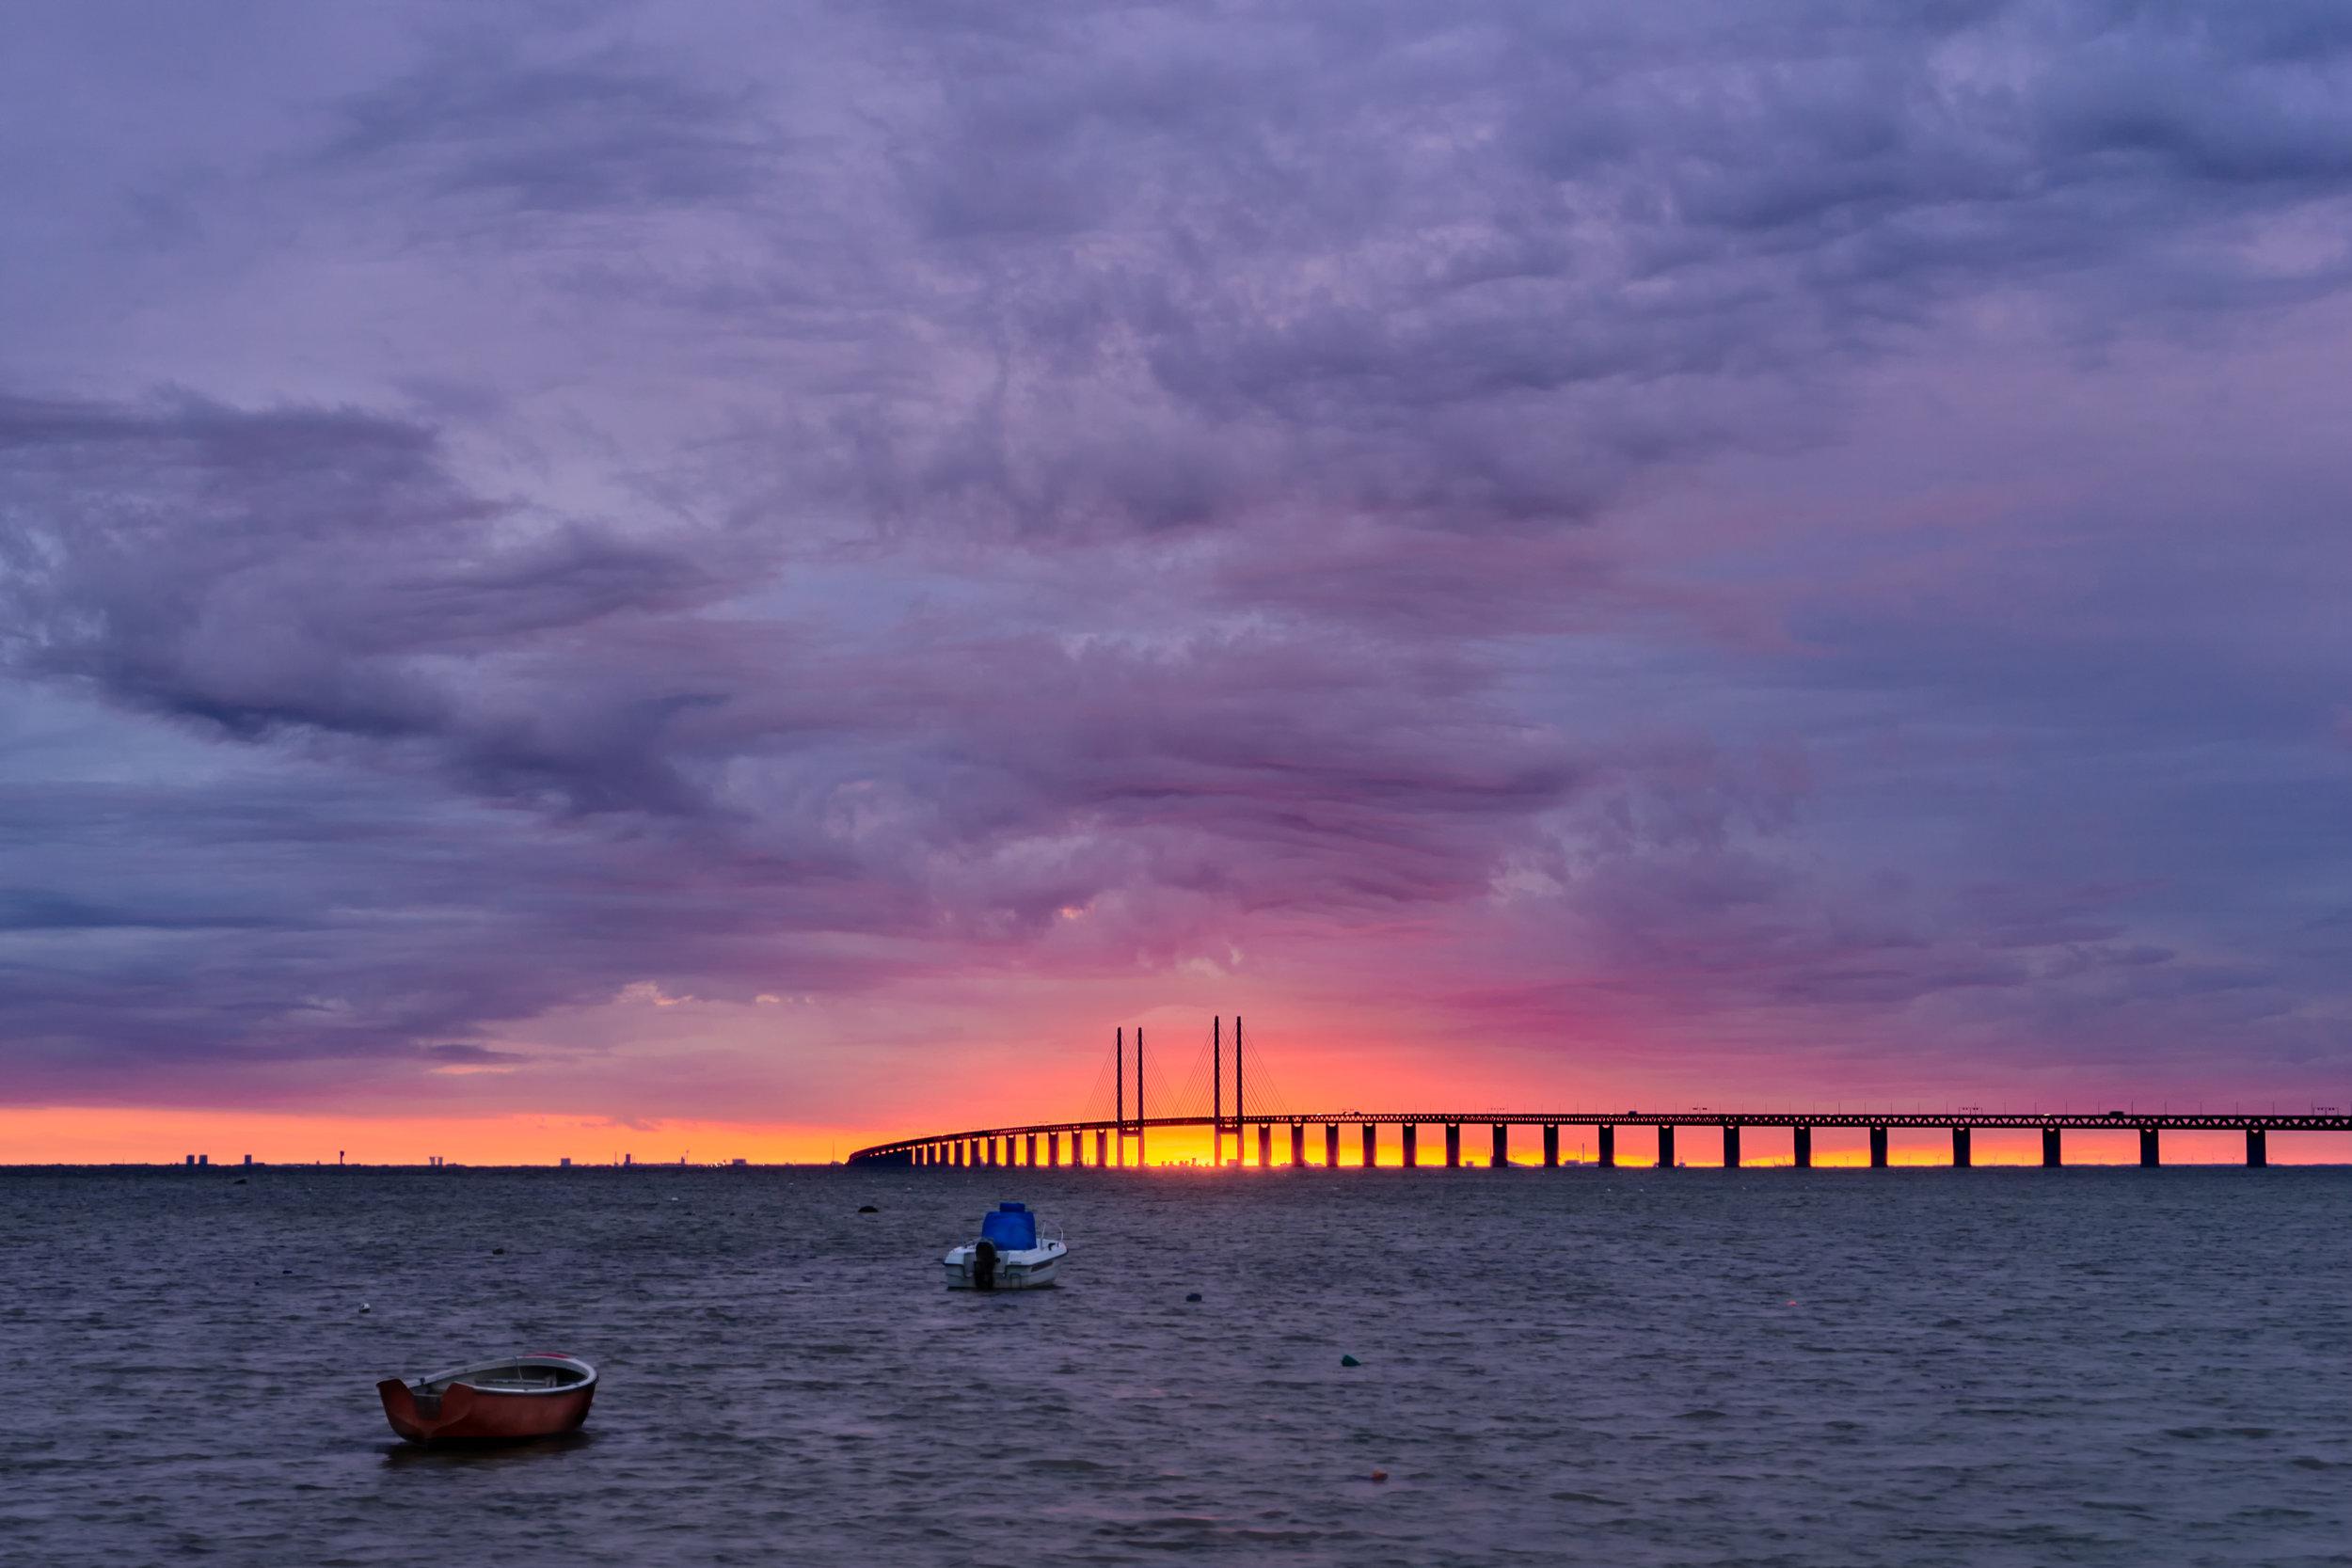 SunsettingbetweenthepillarsoftheÖresundsbronbridge.jpg